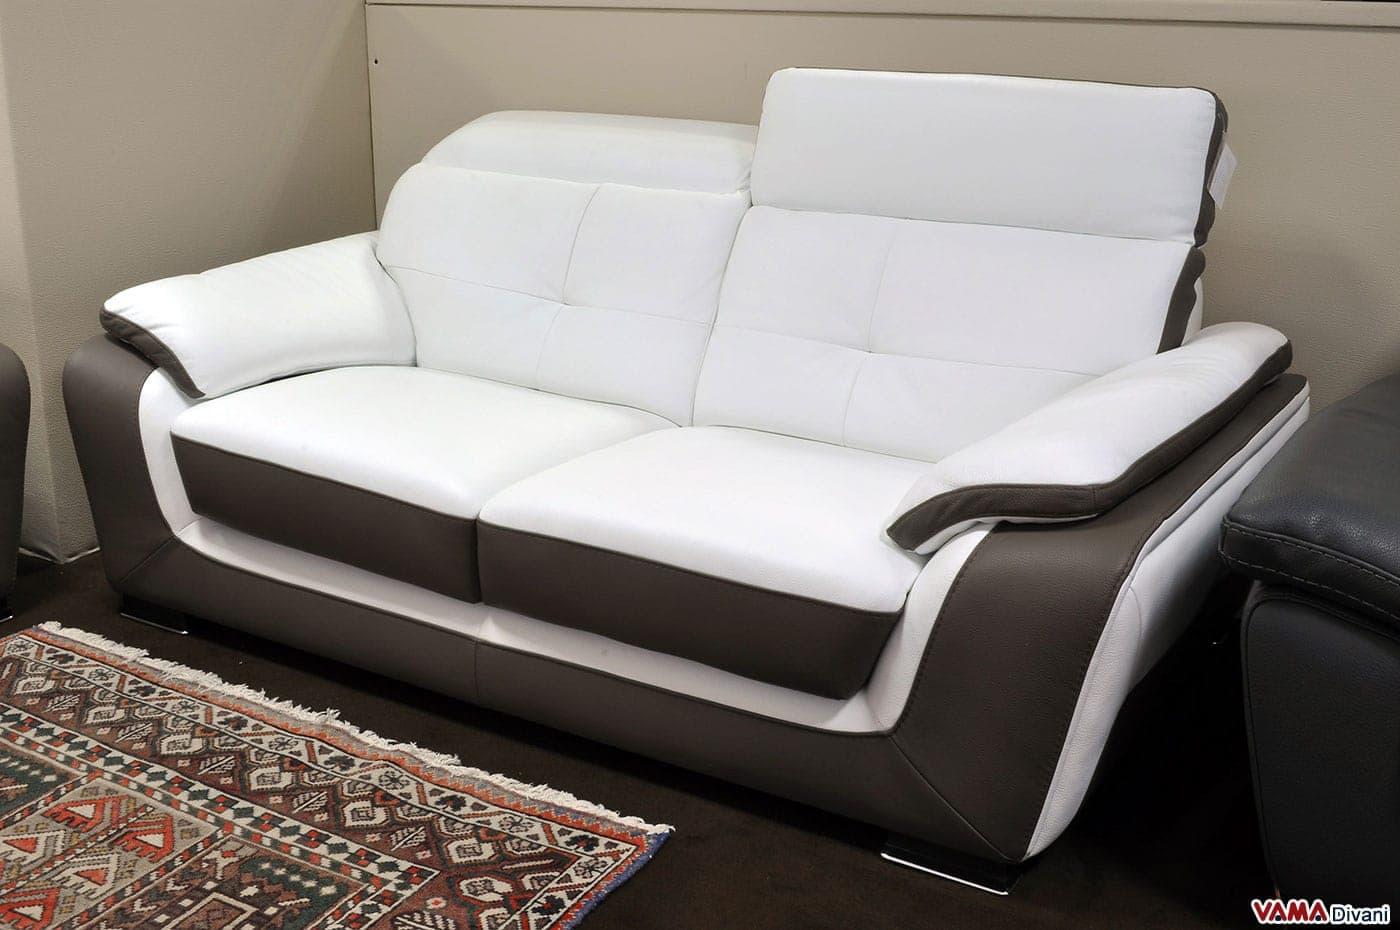 Latest divano posti con poggiatesta relax in pelle fiore - Divano letto 2 posti economico ...